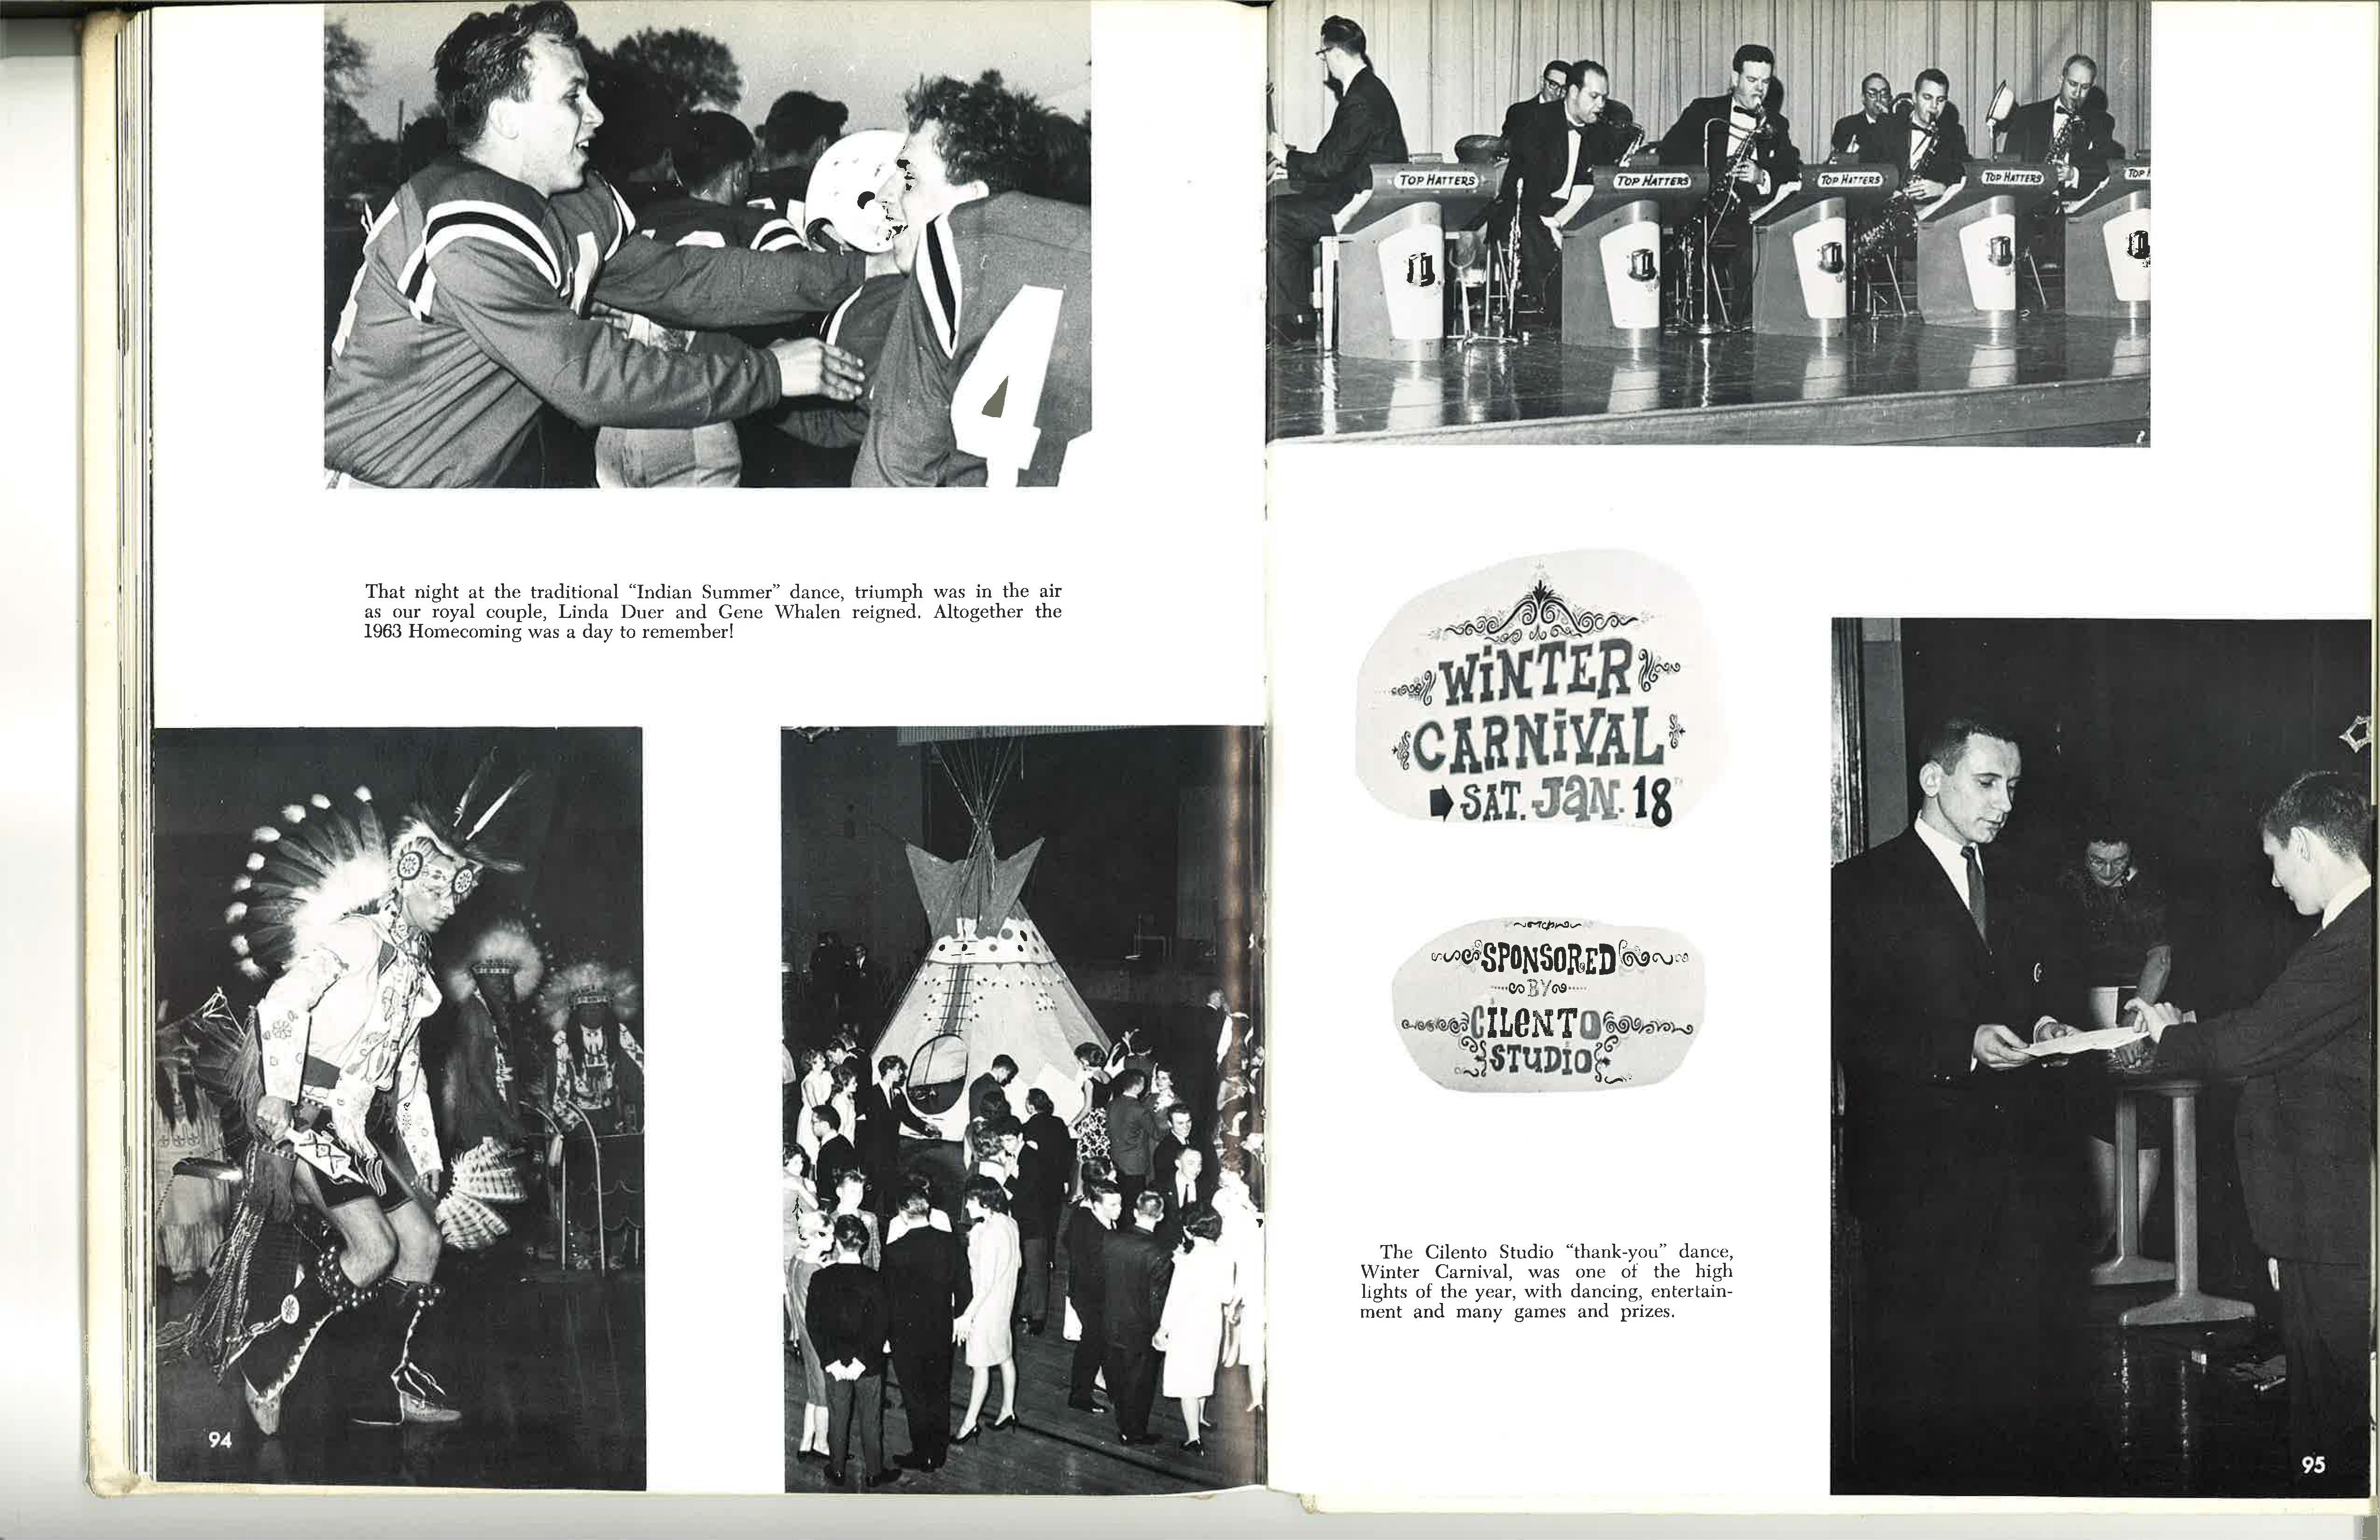 1964_Yearbook_Activities_94-95.jpg